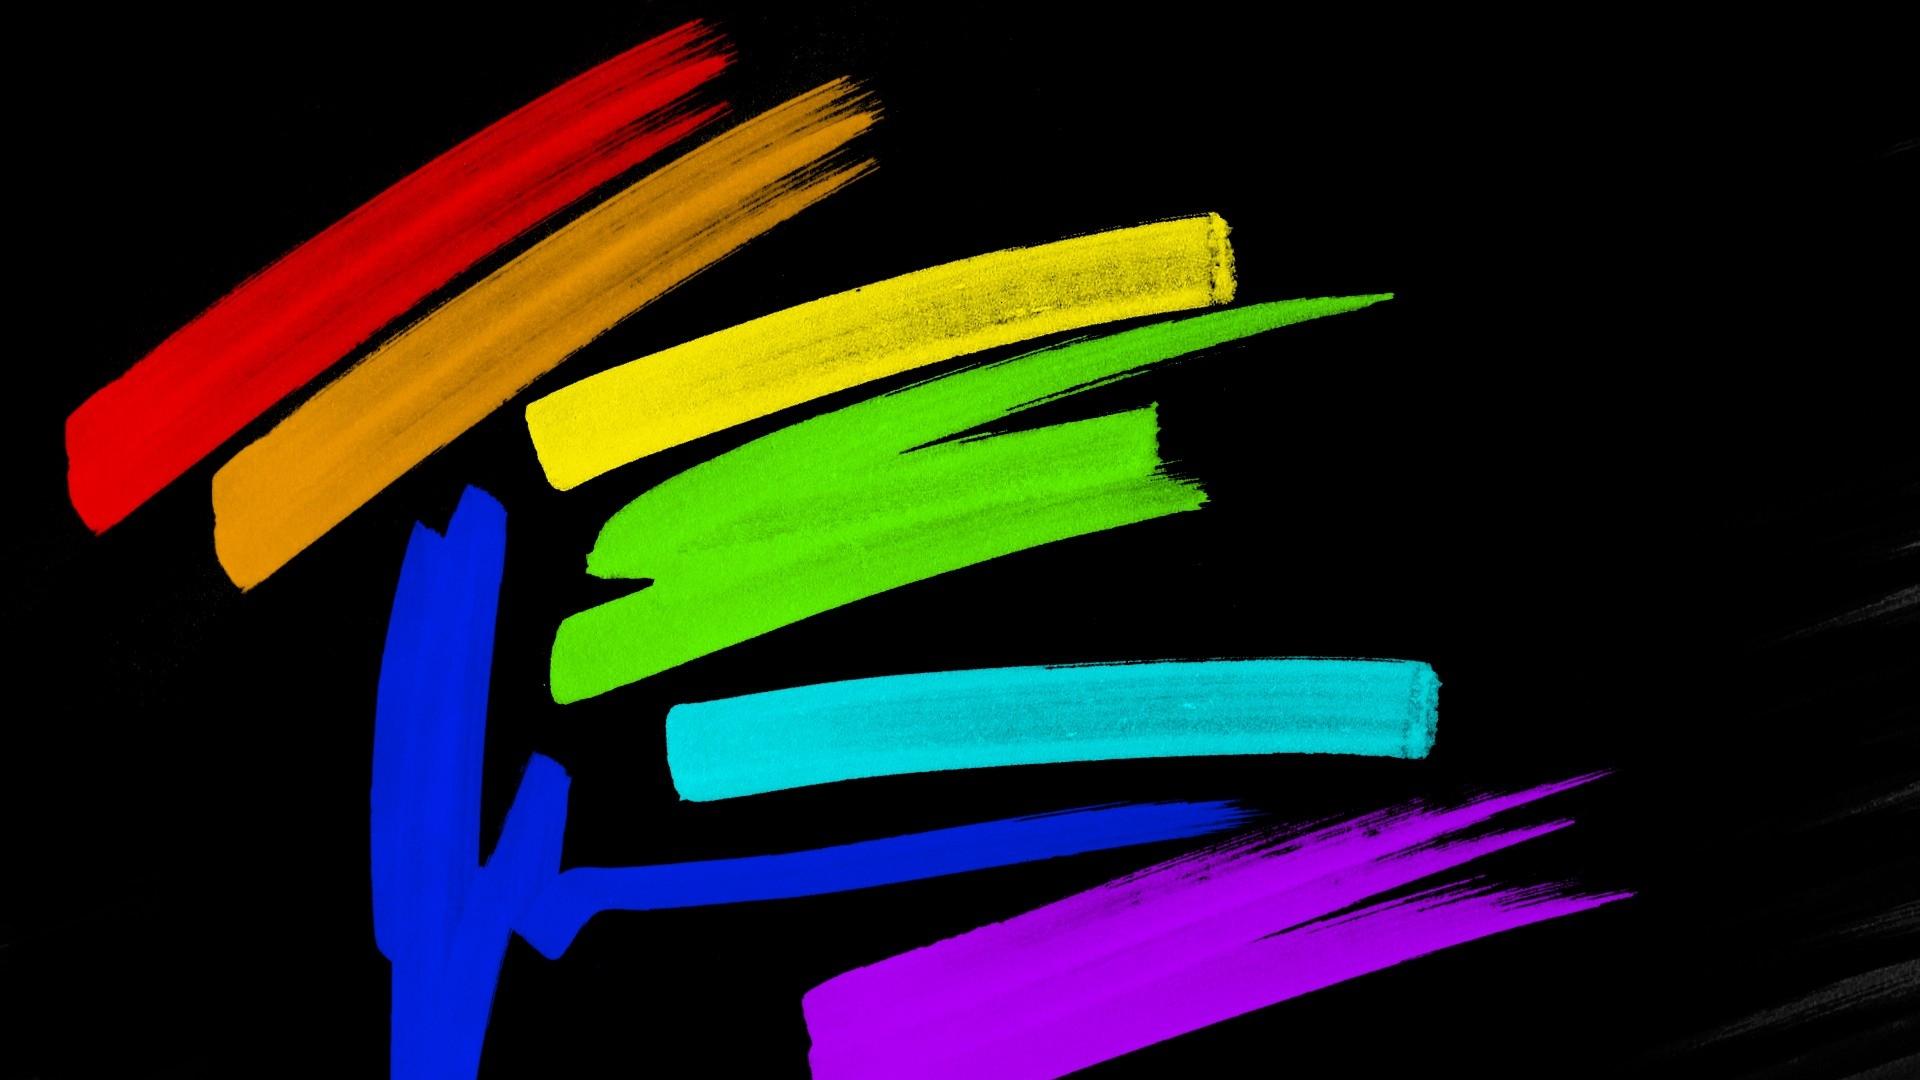 line, multi-colored, black